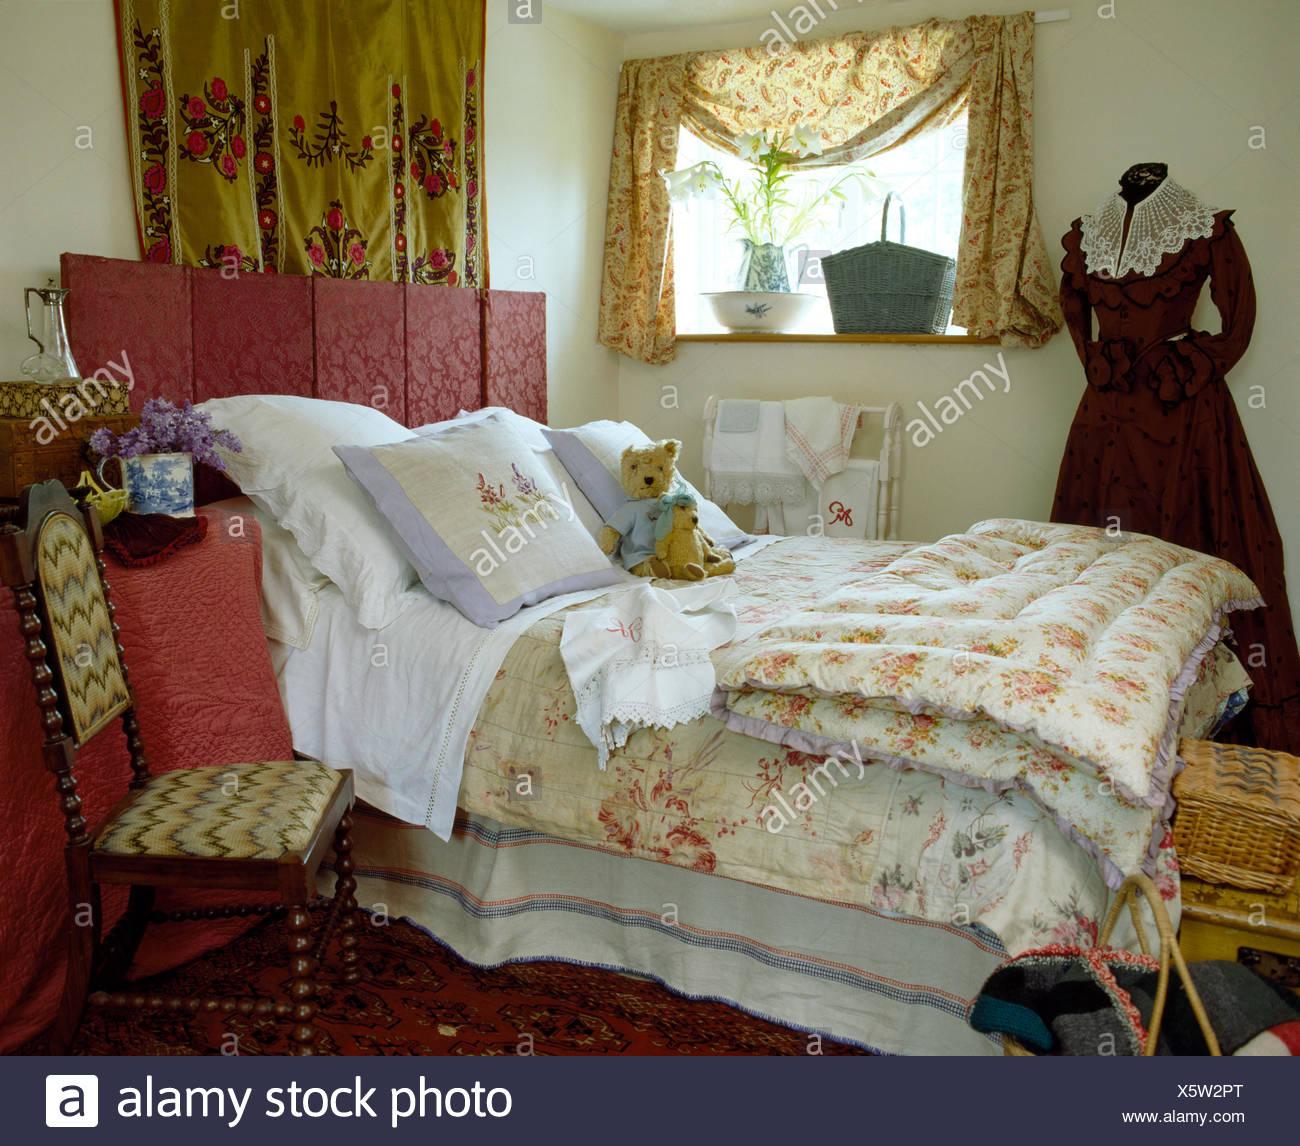 Floral Eiderdaunen Und Decke Auf Dem Bett Mit Vintage Kissen Und